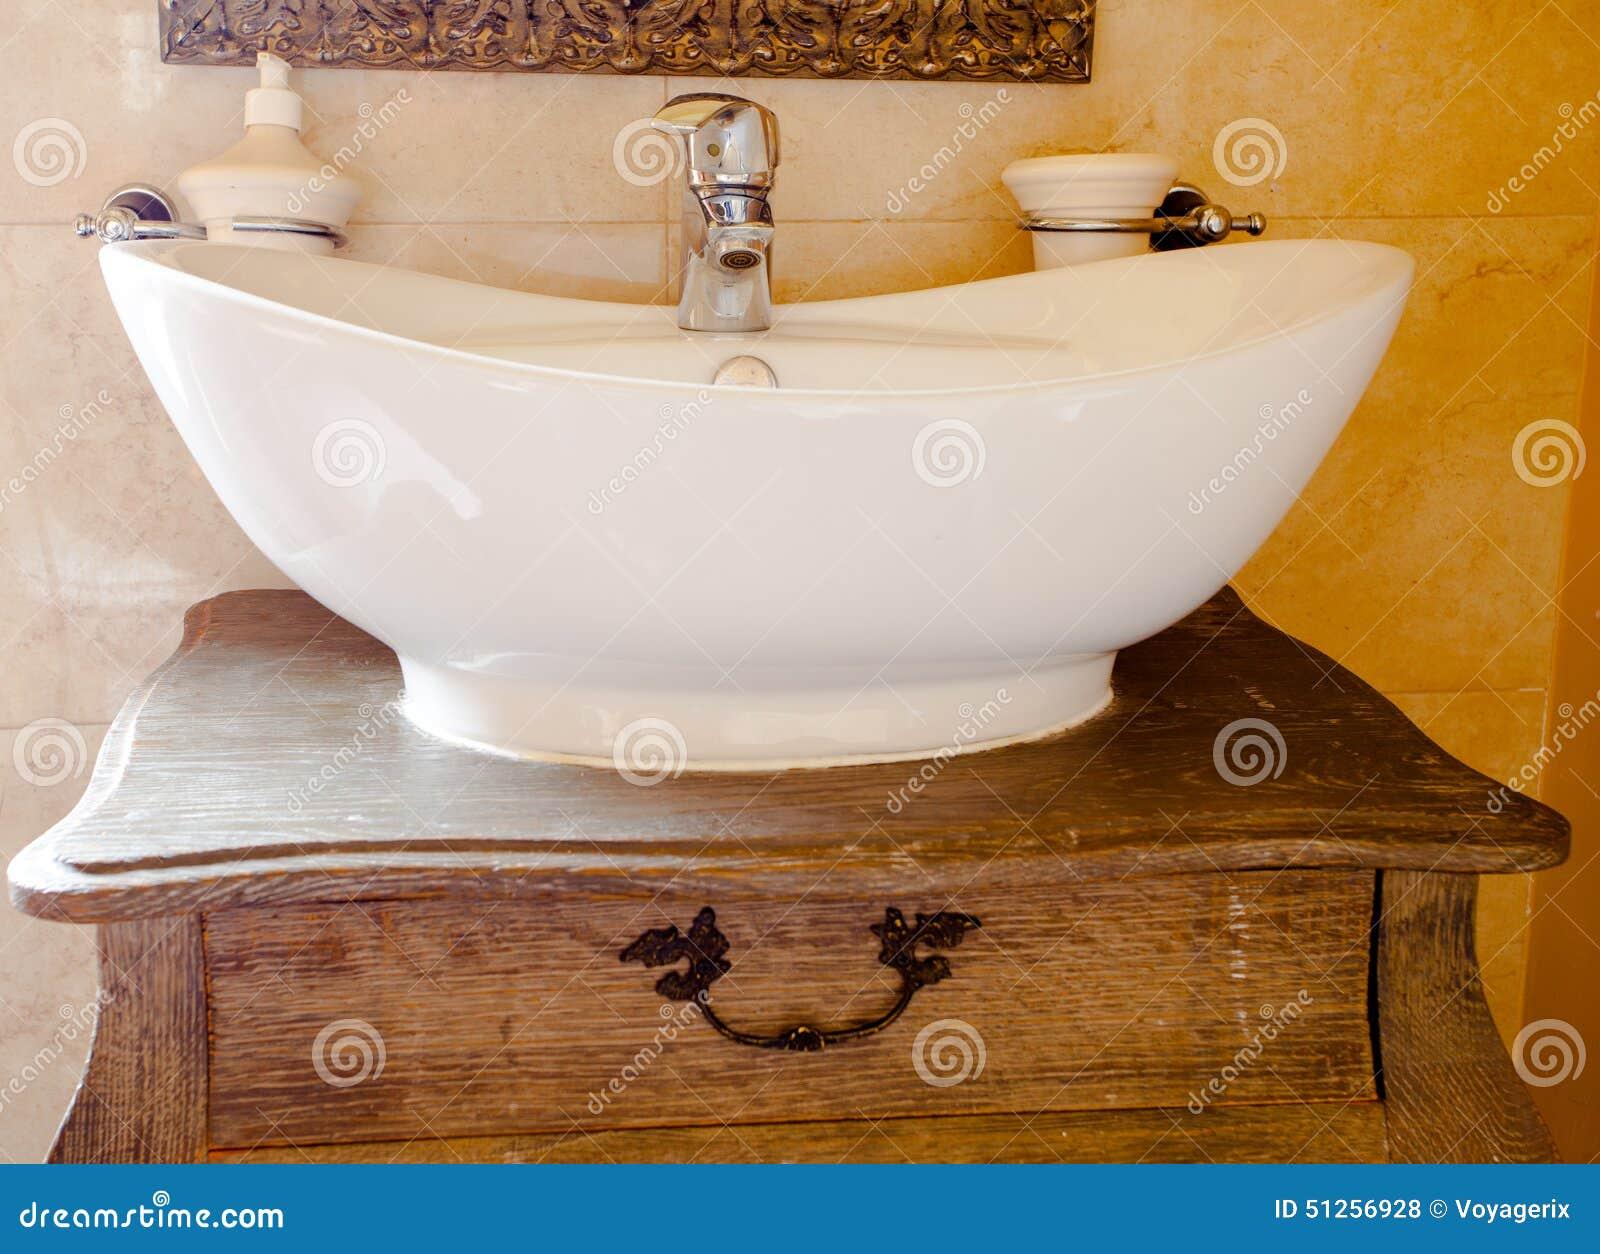 Lavandino retro boiserie in ceramica per bagno - Boiserie in ceramica per bagno ...